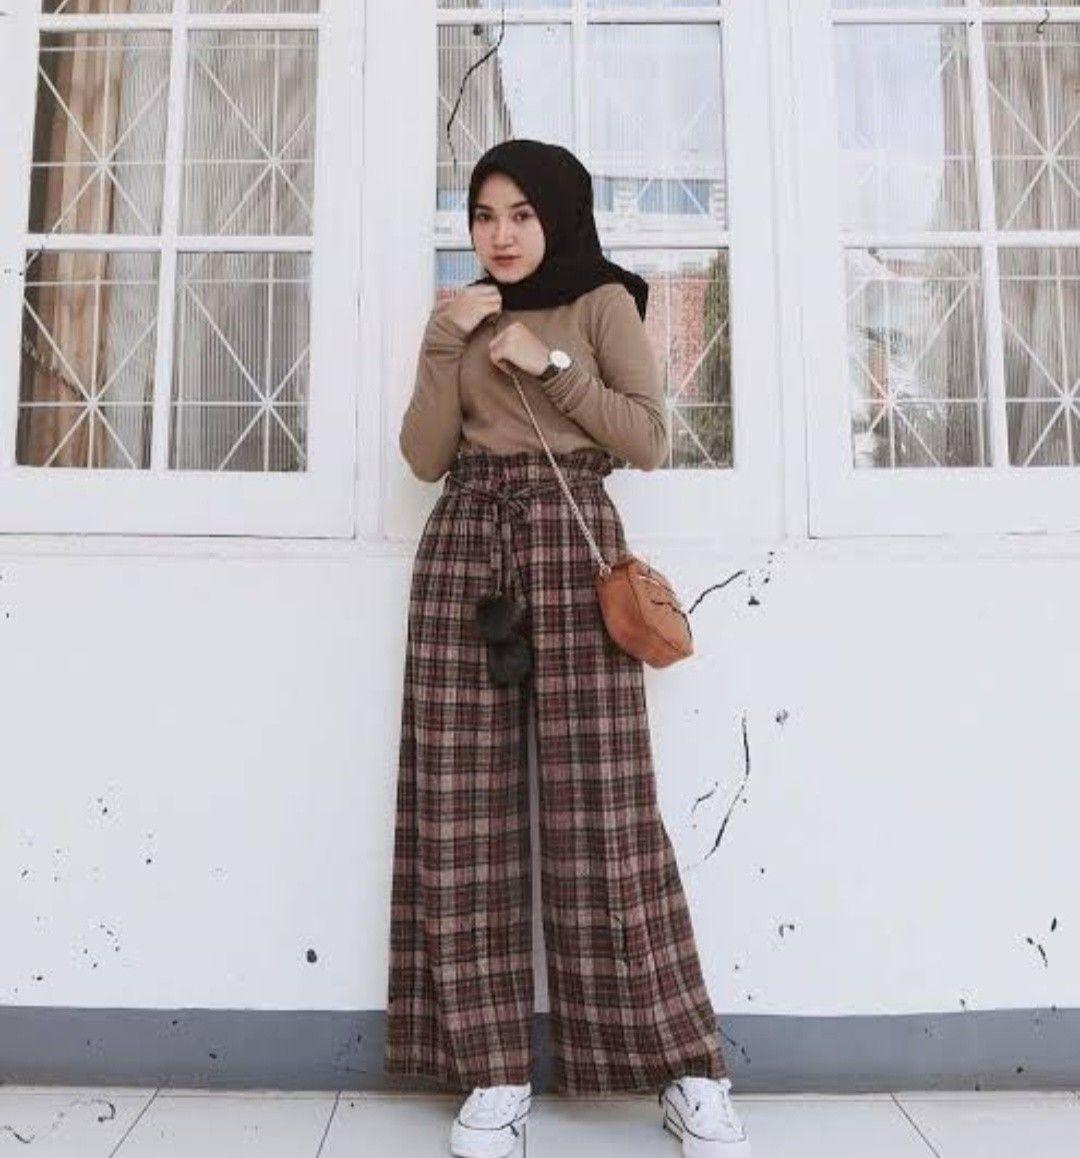 Jika Kamu Pecinta Kulot Hijab Inspirasi Outfit Ini Bisa Banget